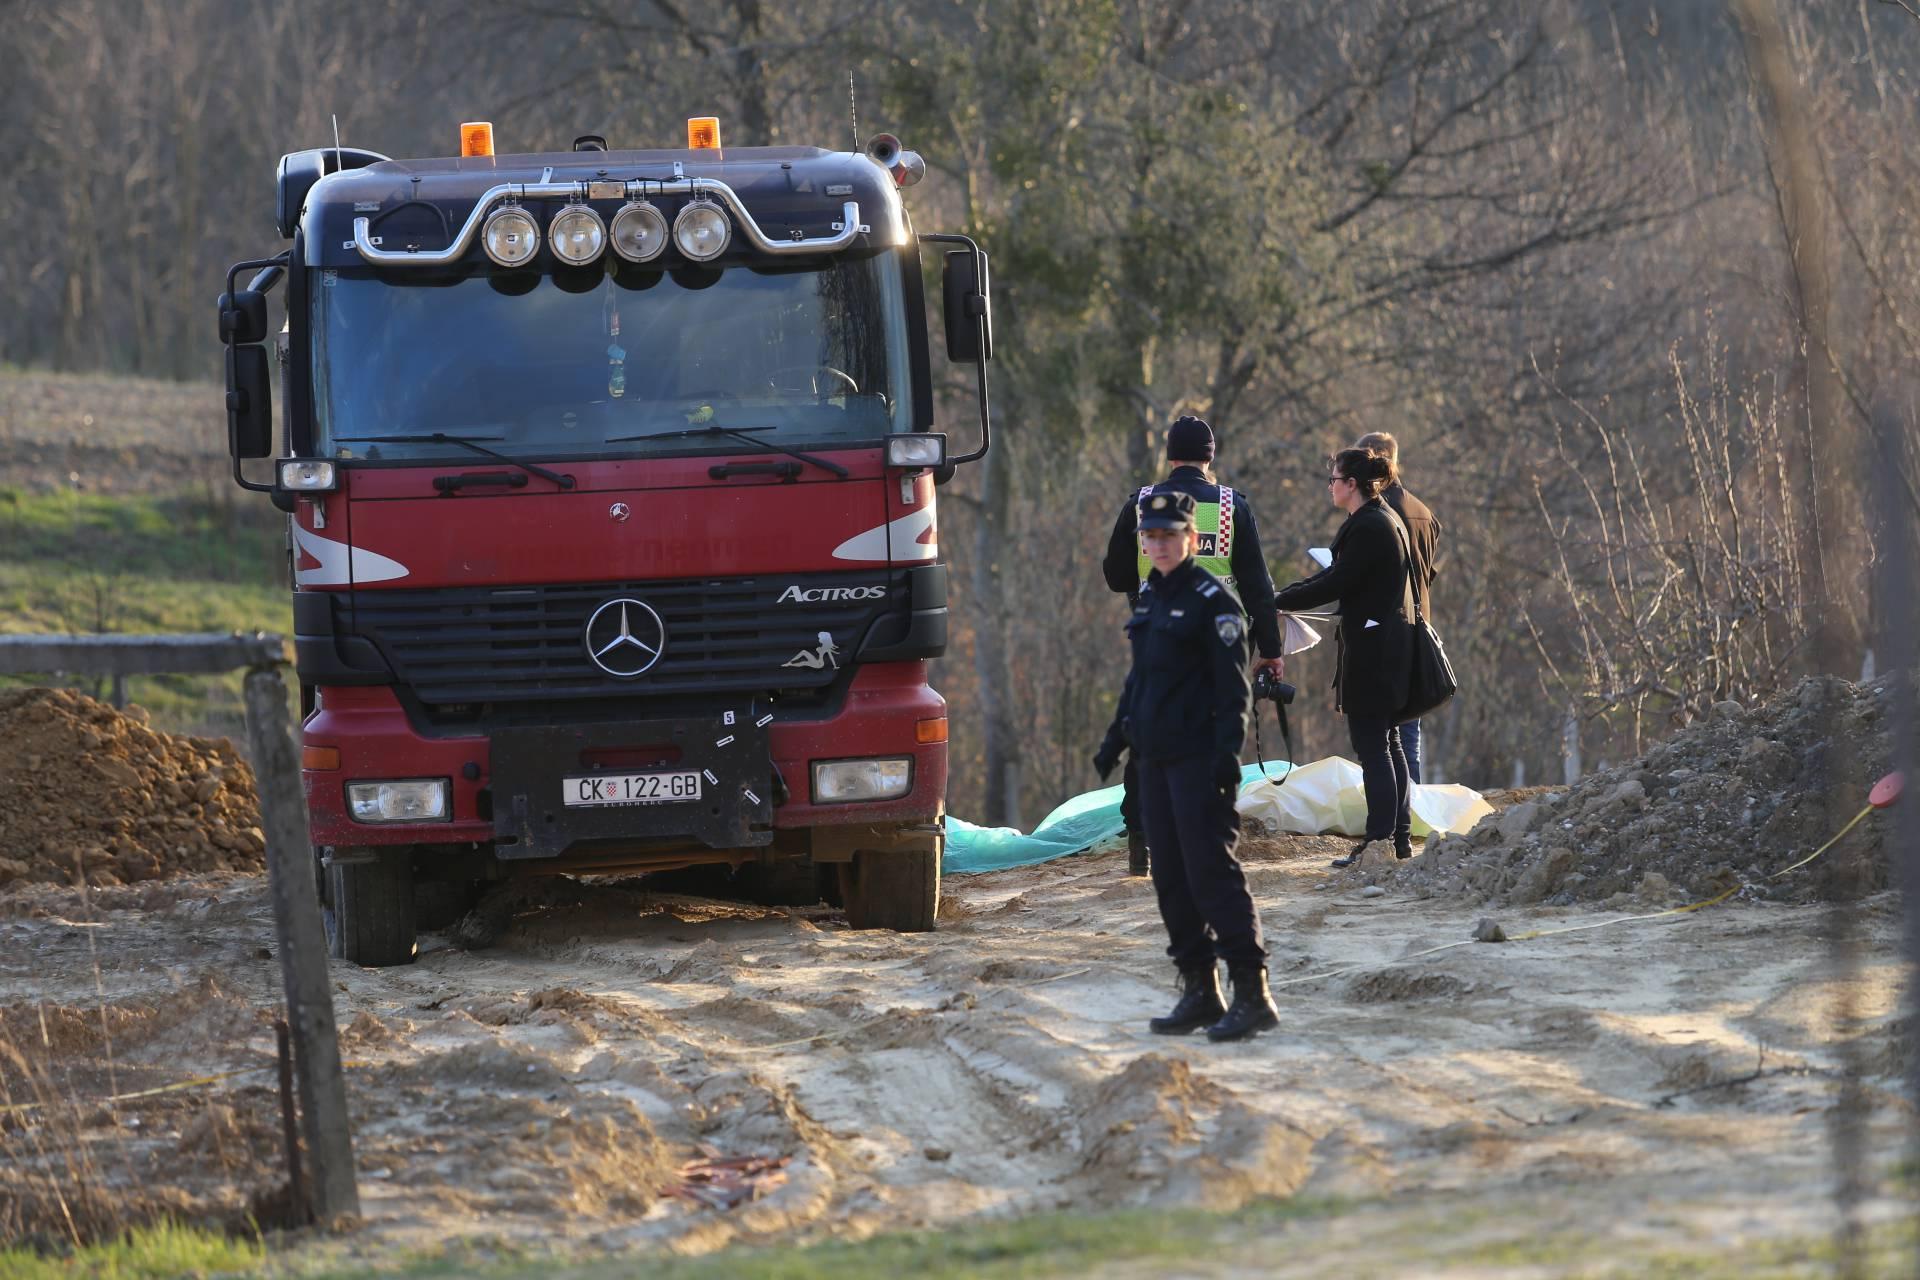 Nesreća: Kamion je istovarivao zemlju i pregazio vlasnika kuće